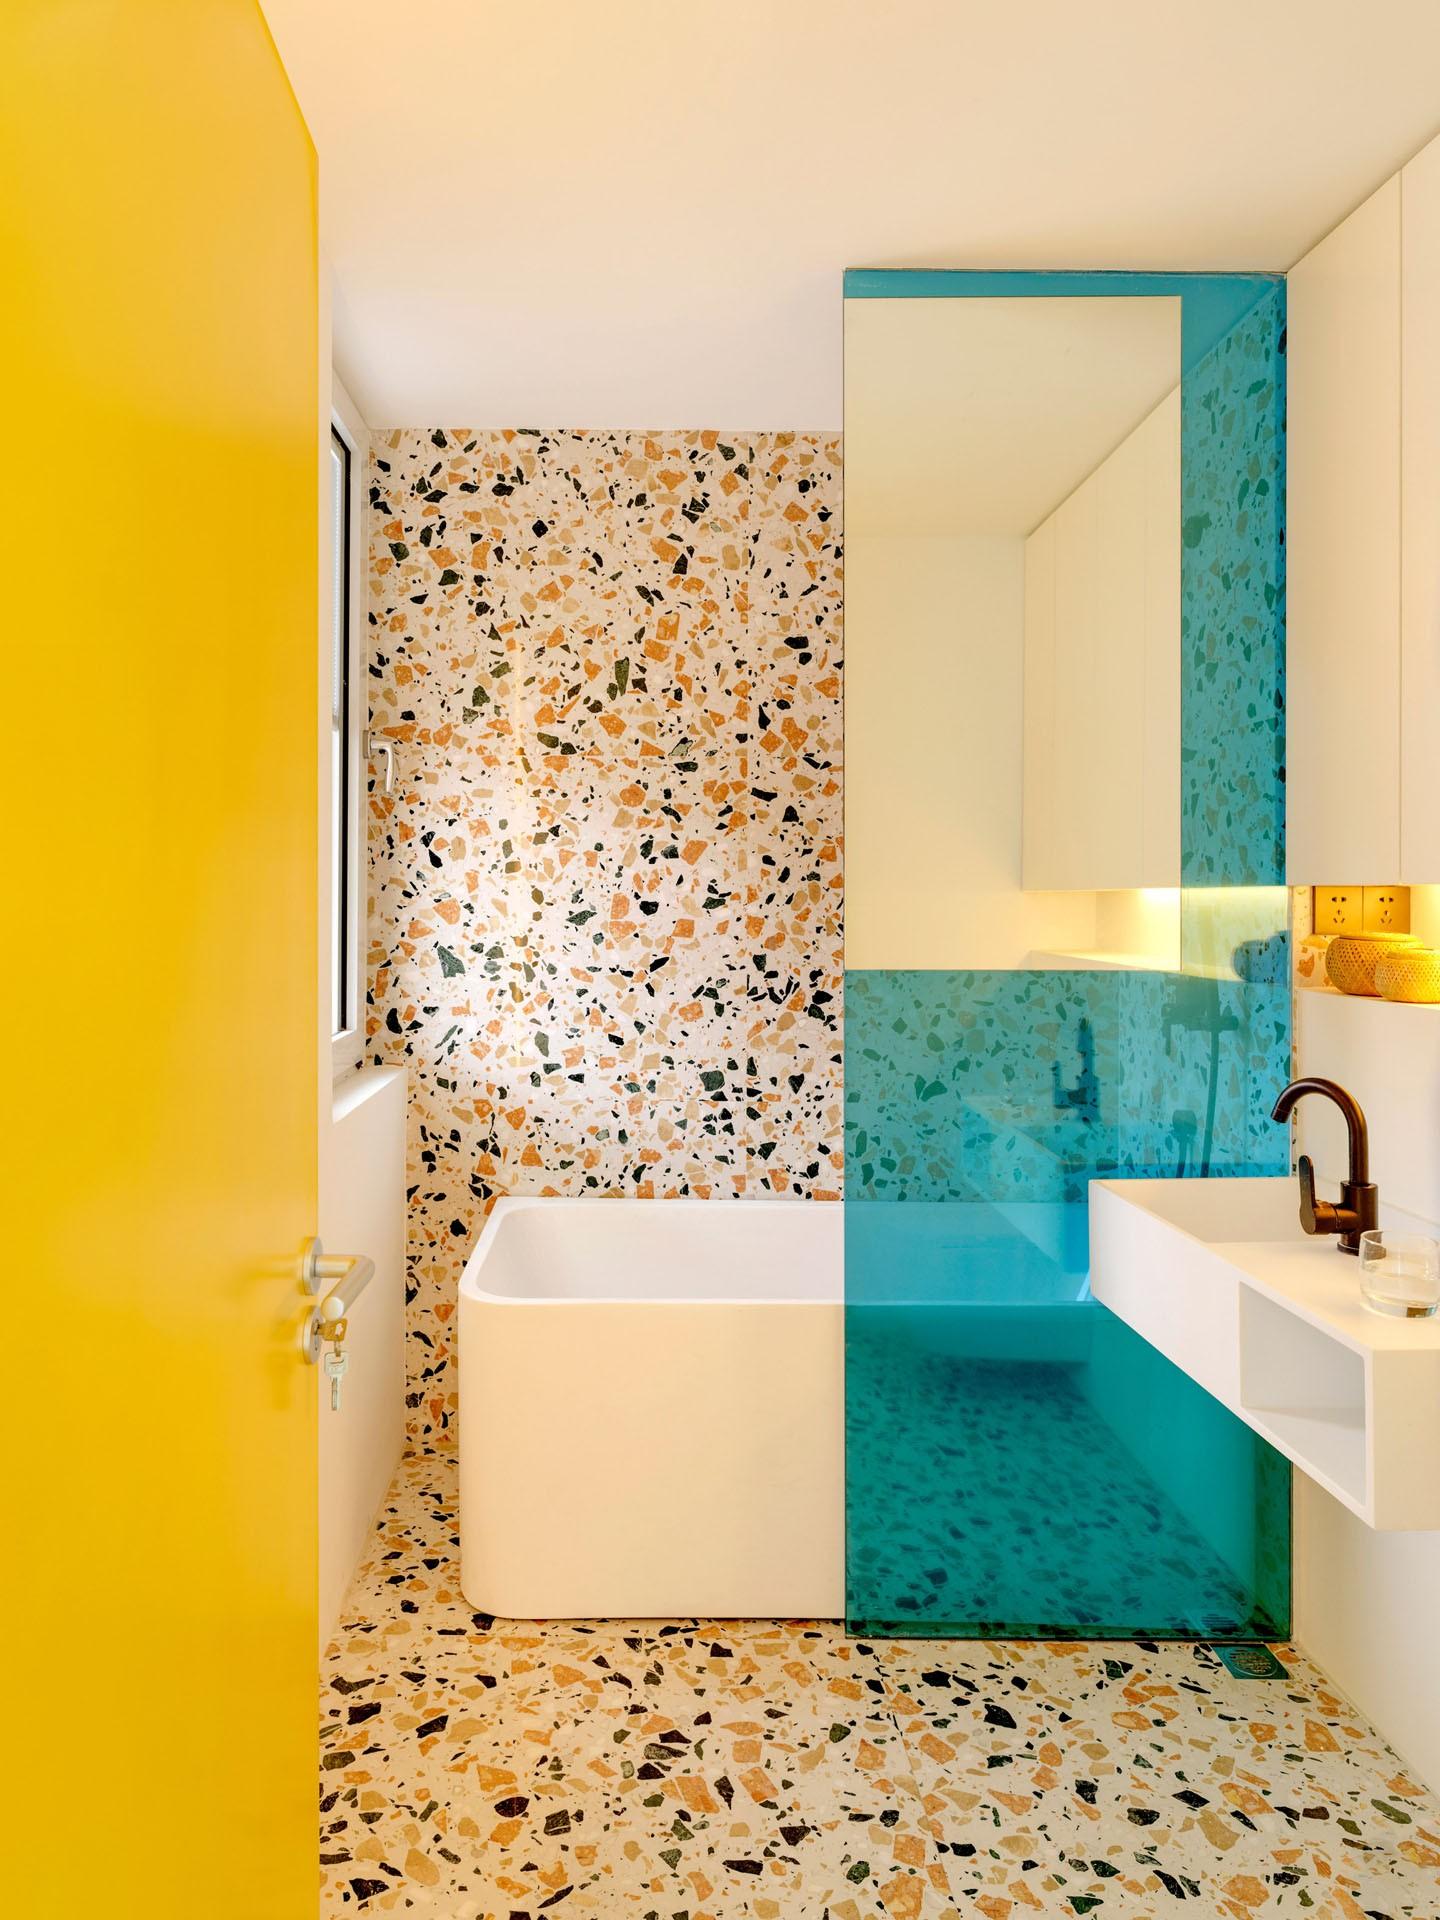 Décor do dia: banheiro revestido com terrazzo colorido (Foto: Jonathan Leijonhufvud/Divulgação)